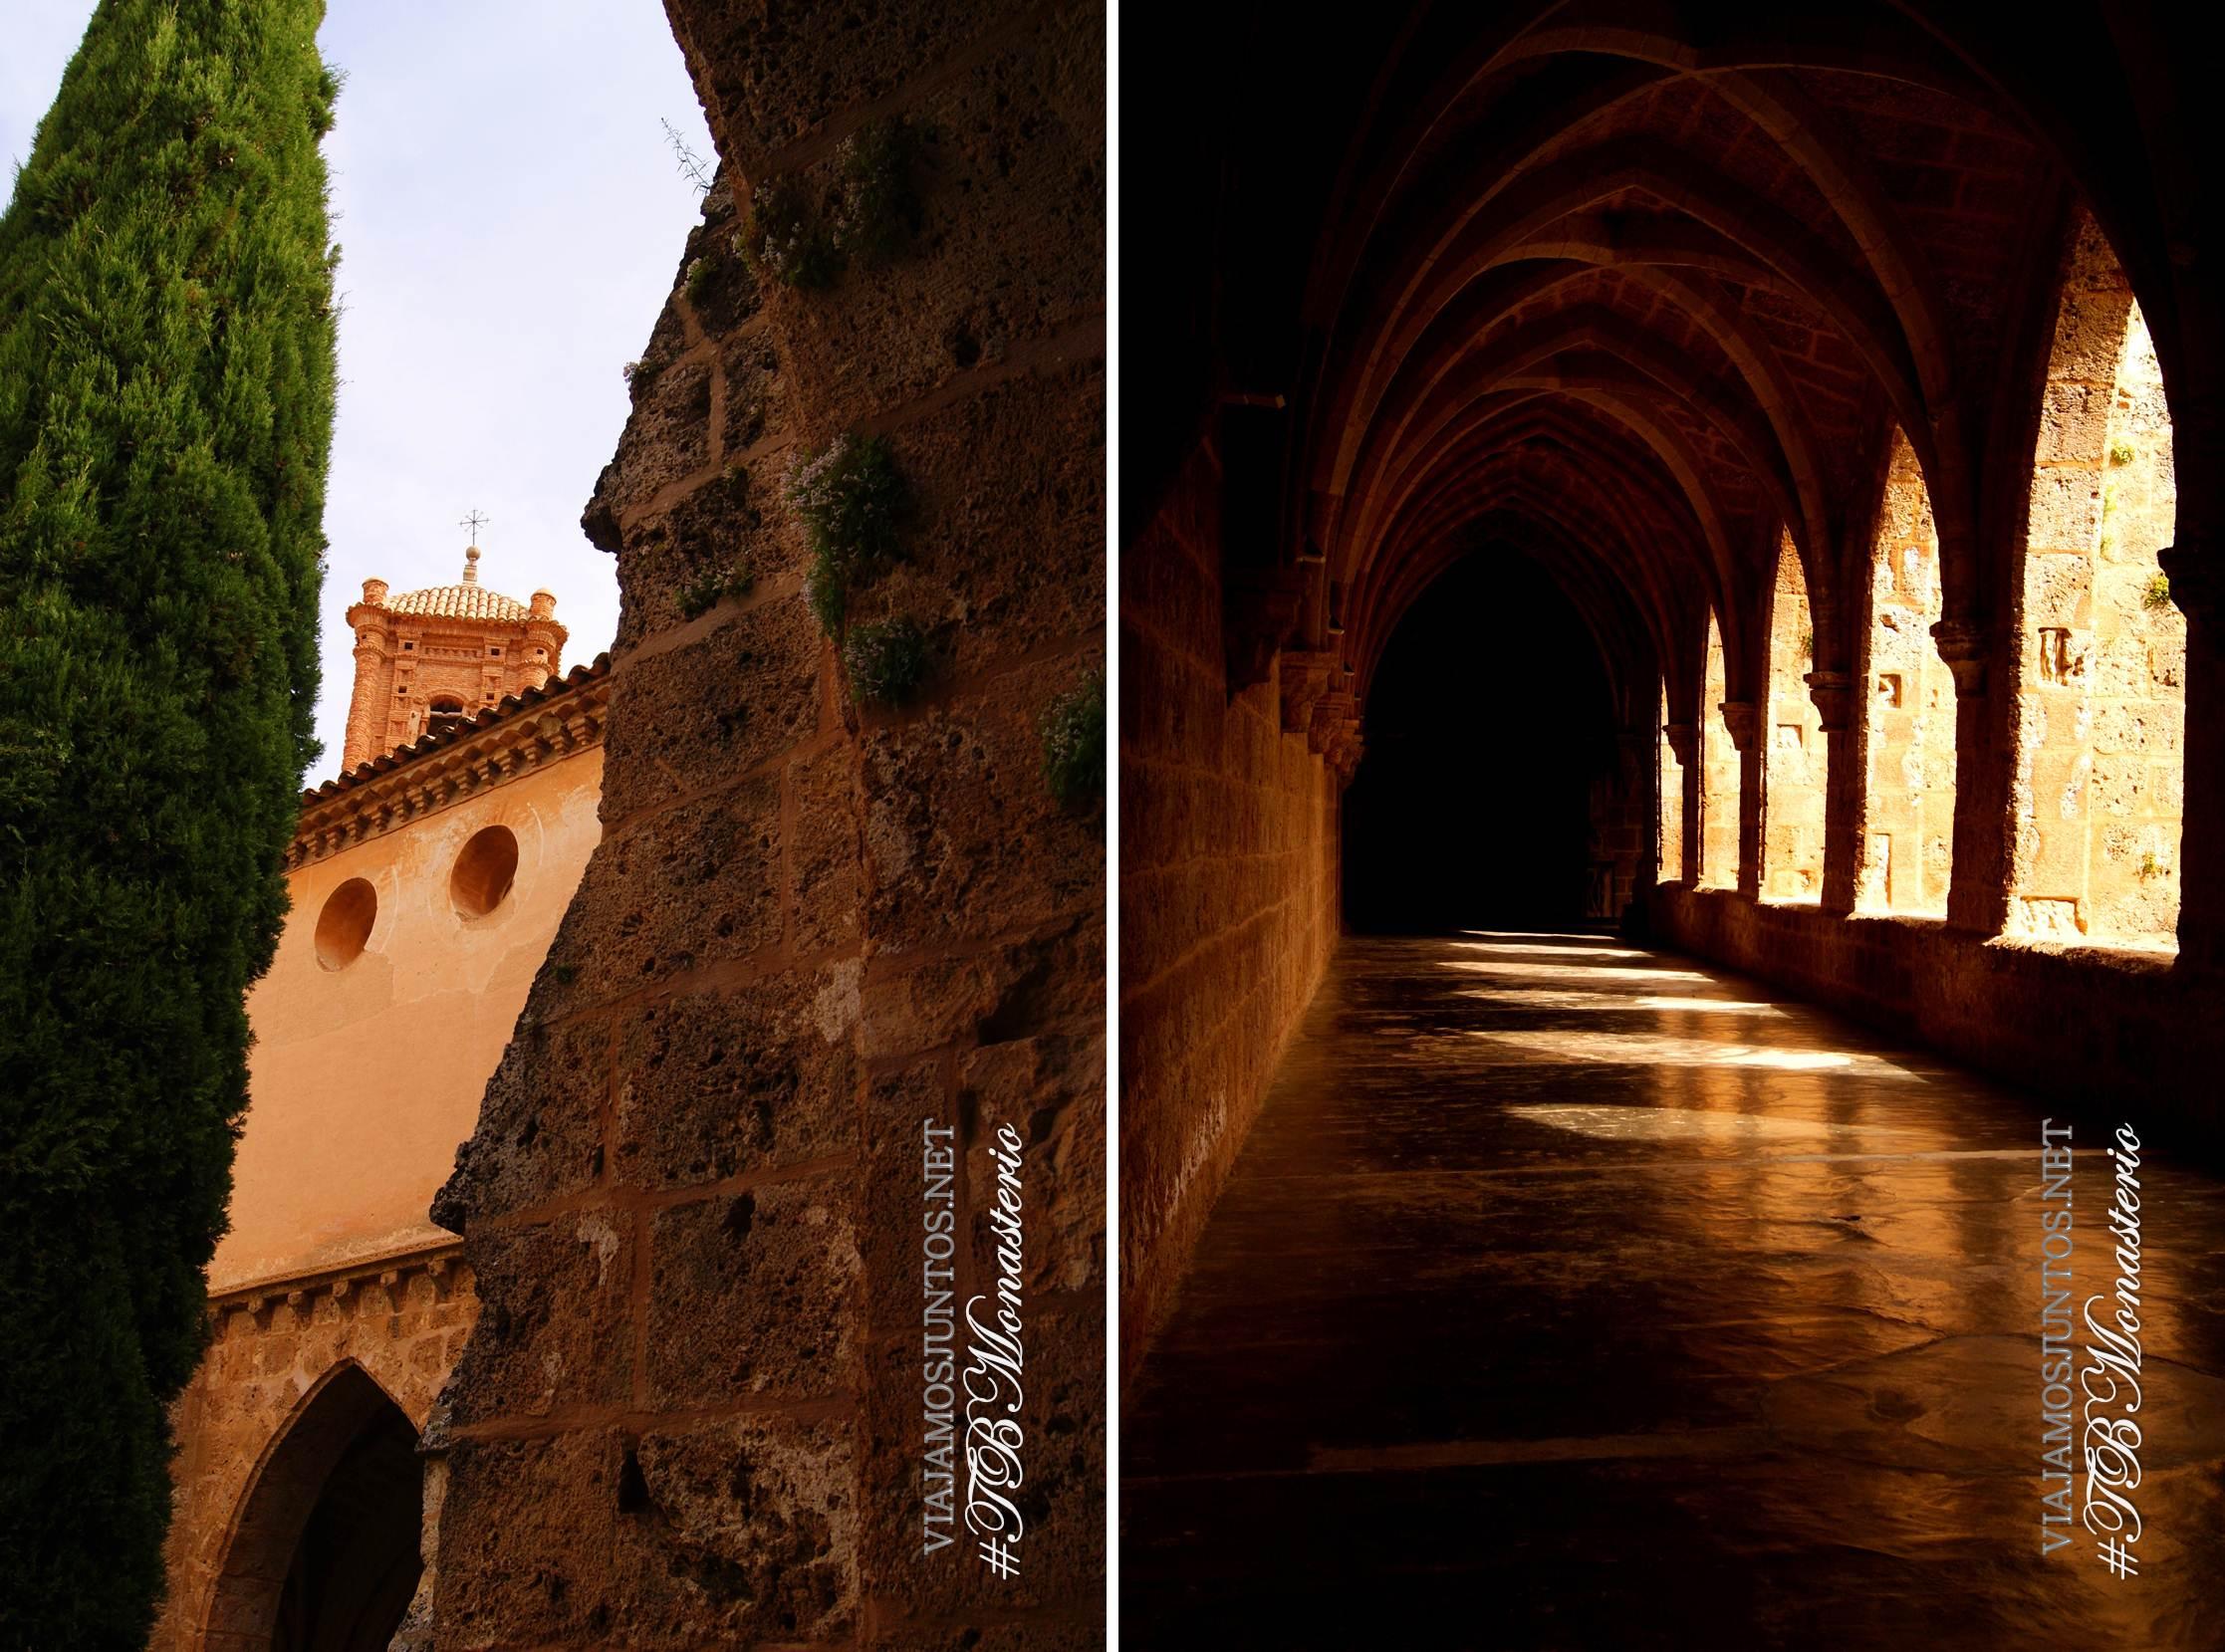 monasterio de piedra, zaragoza, nuevalos, madrid travel bloggers, barcelona travel bloggers, madtb, bcntb, cata de vinos, vinos divertidos, jose marco, curiosidades, leyendas